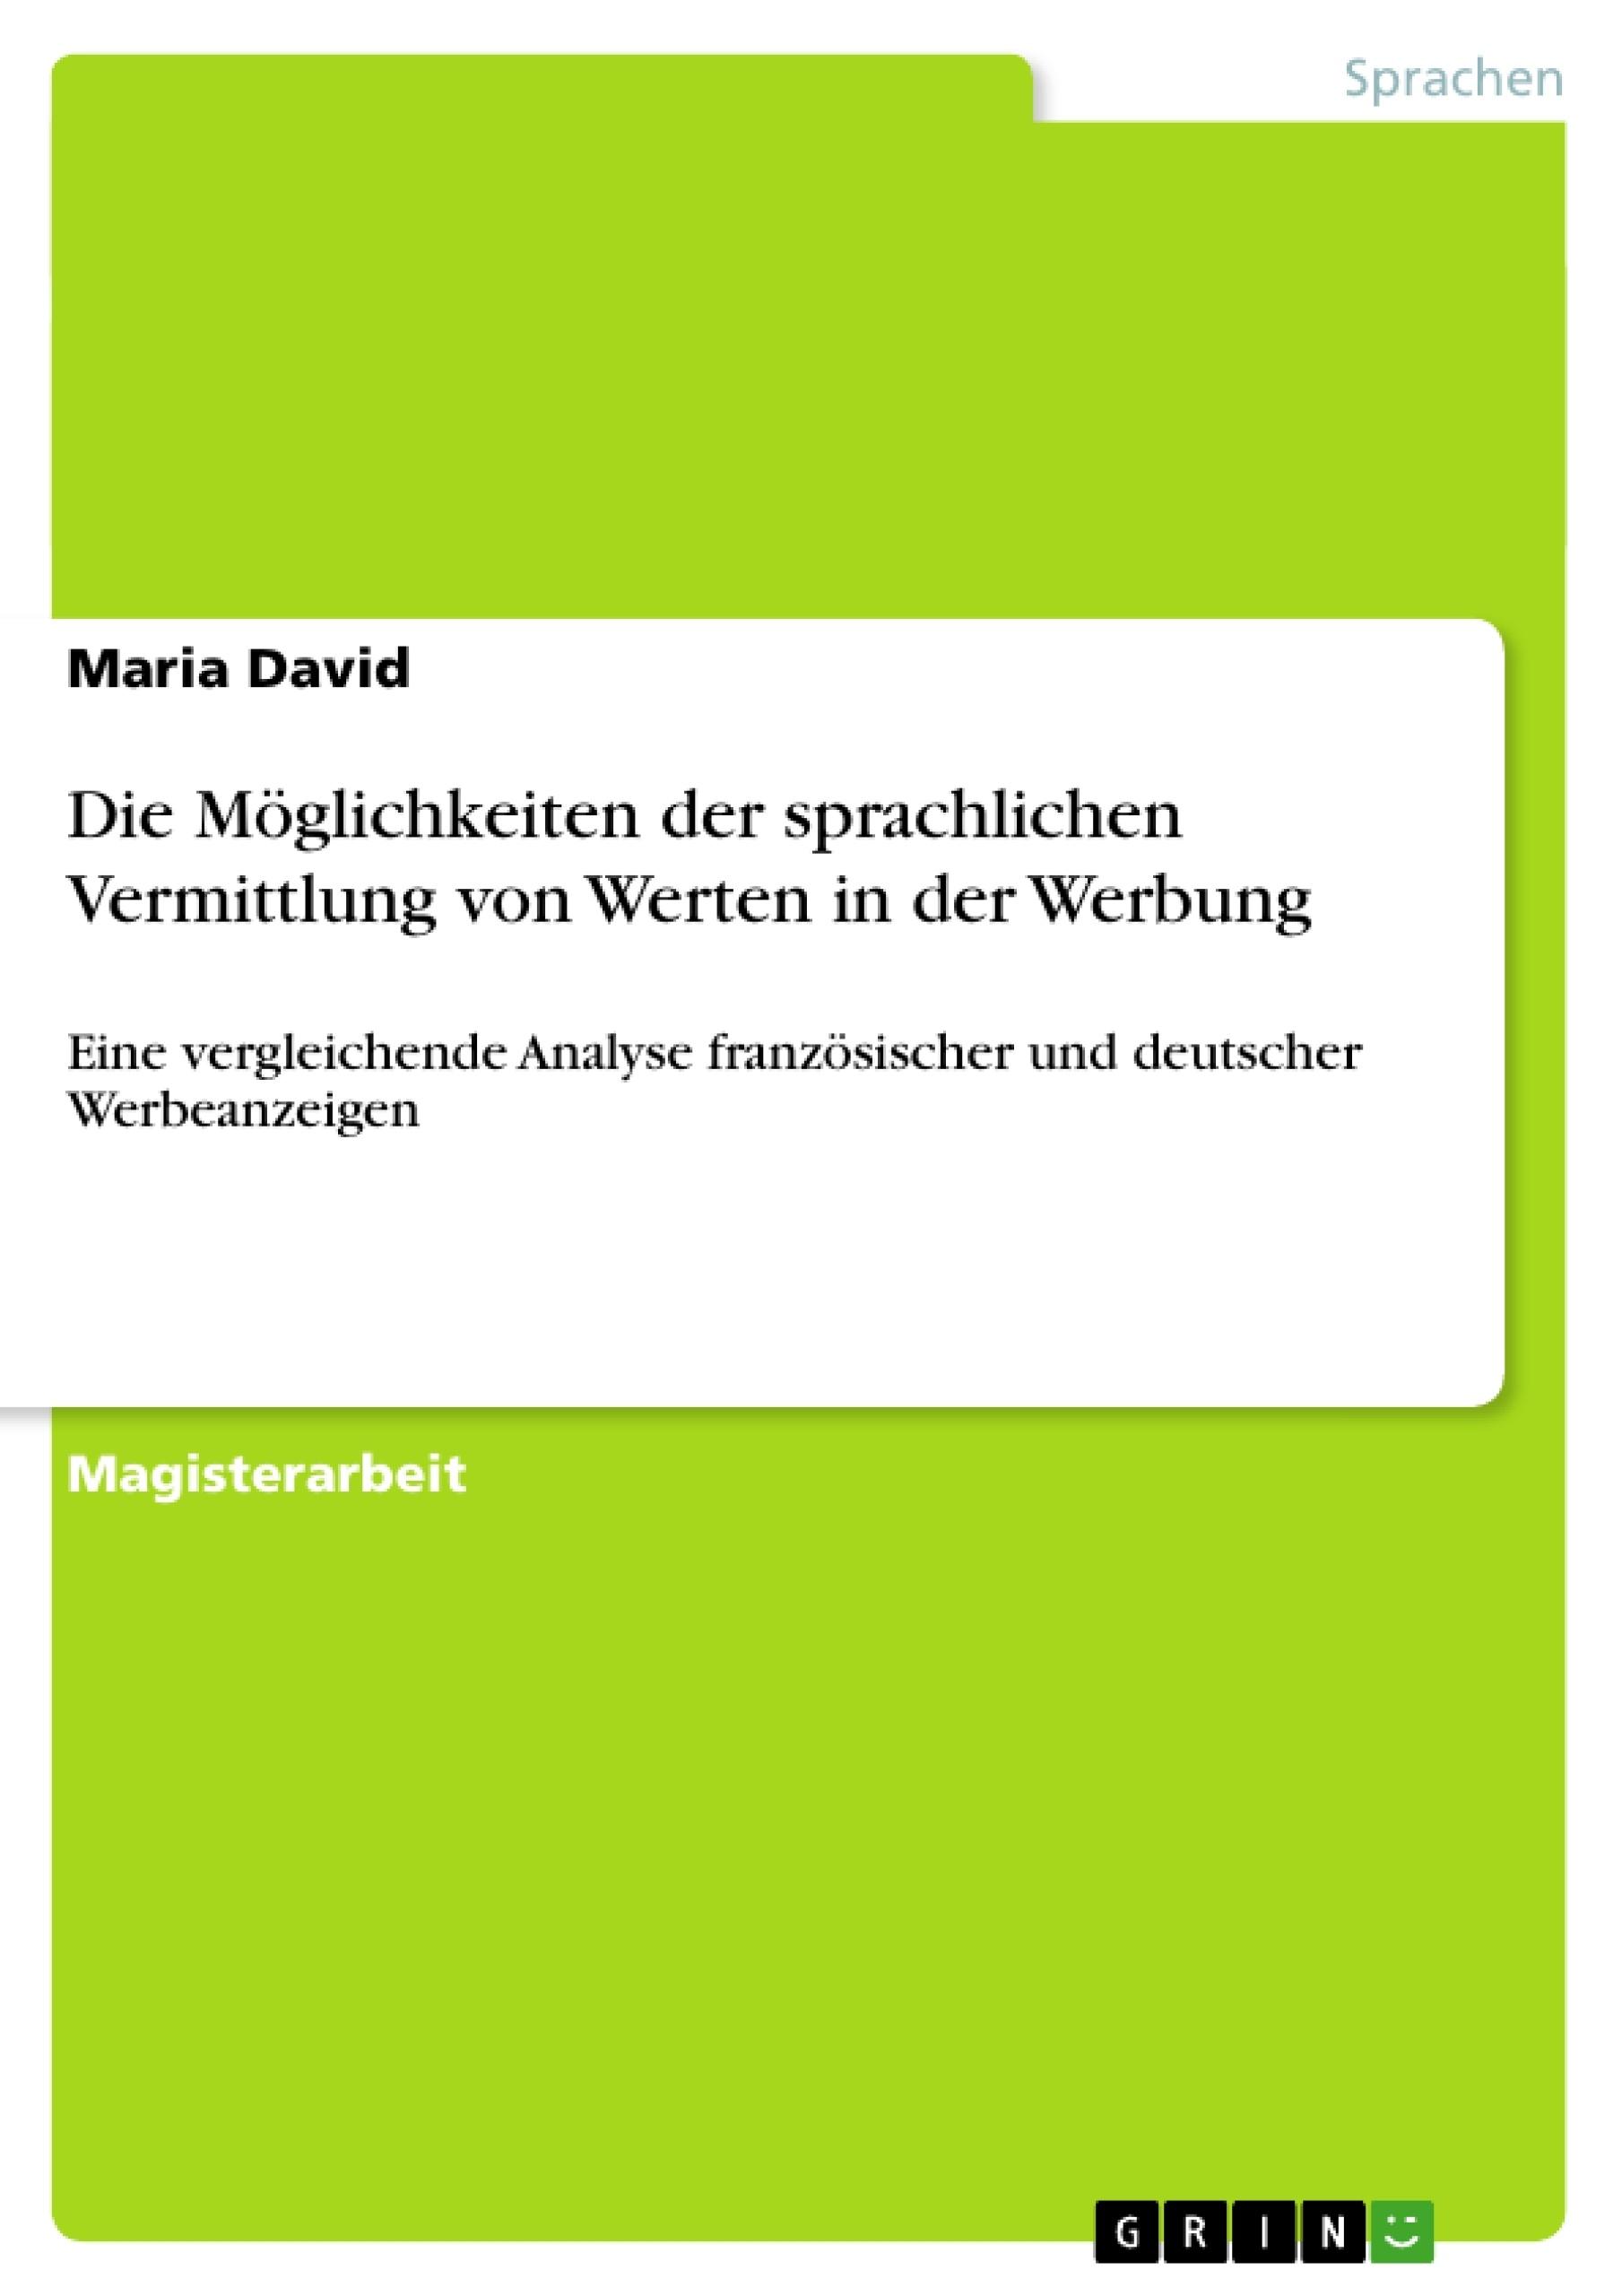 Titel: Die Möglichkeiten der sprachlichen Vermittlung von Werten in der Werbung